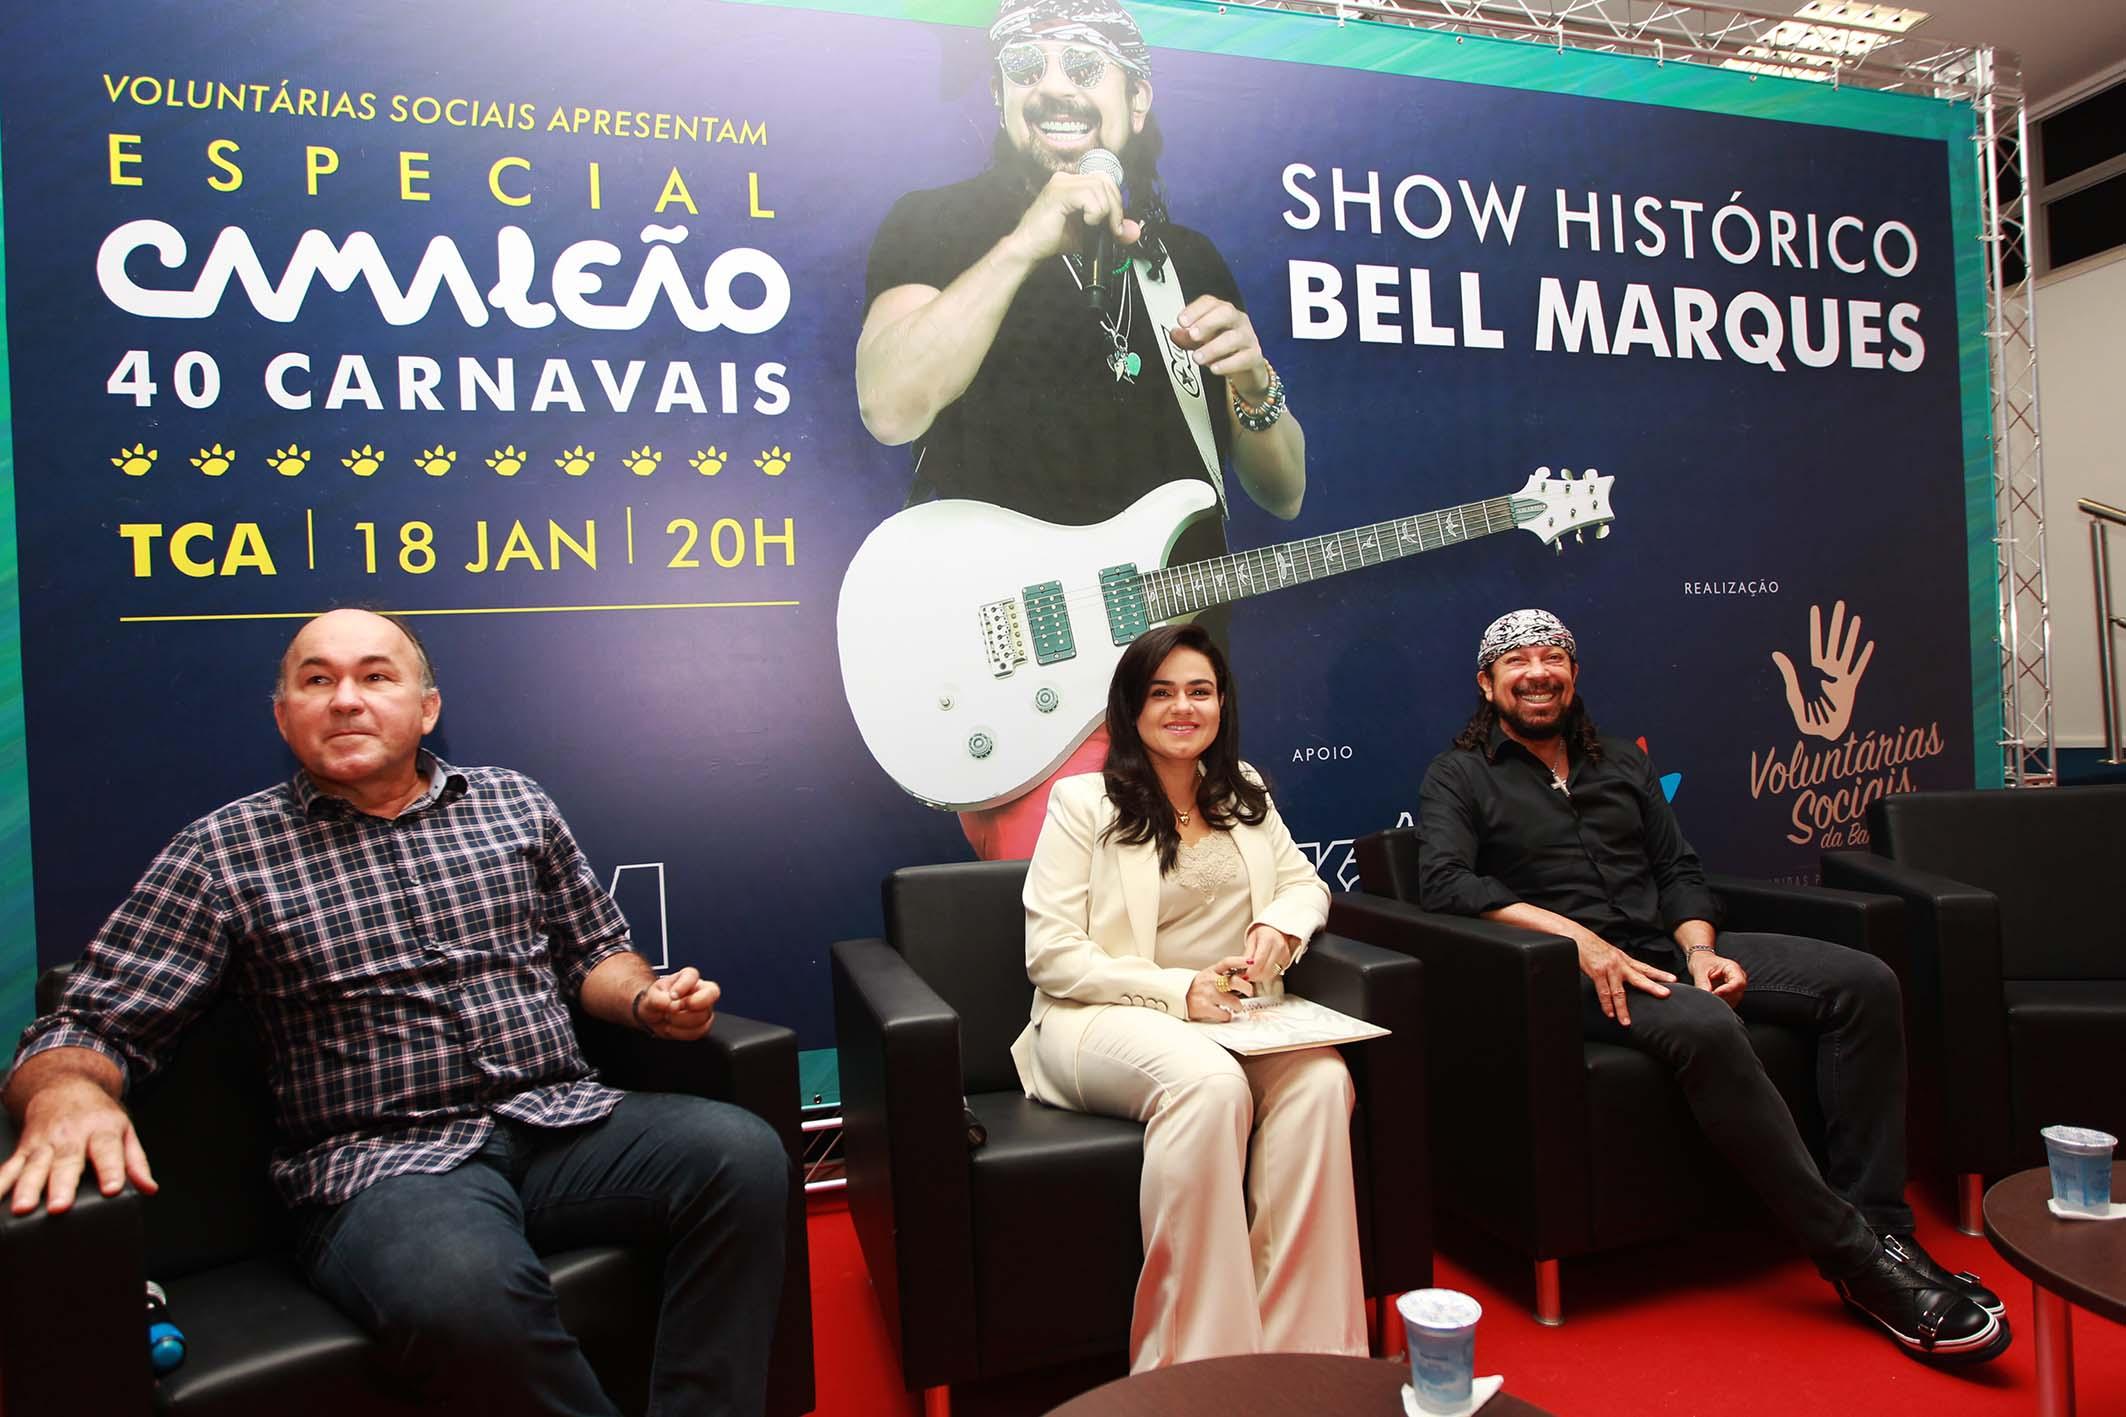 Bell e Voluntárias Sociais farão novo show para o Aristides Maltez em 18 de janeiro